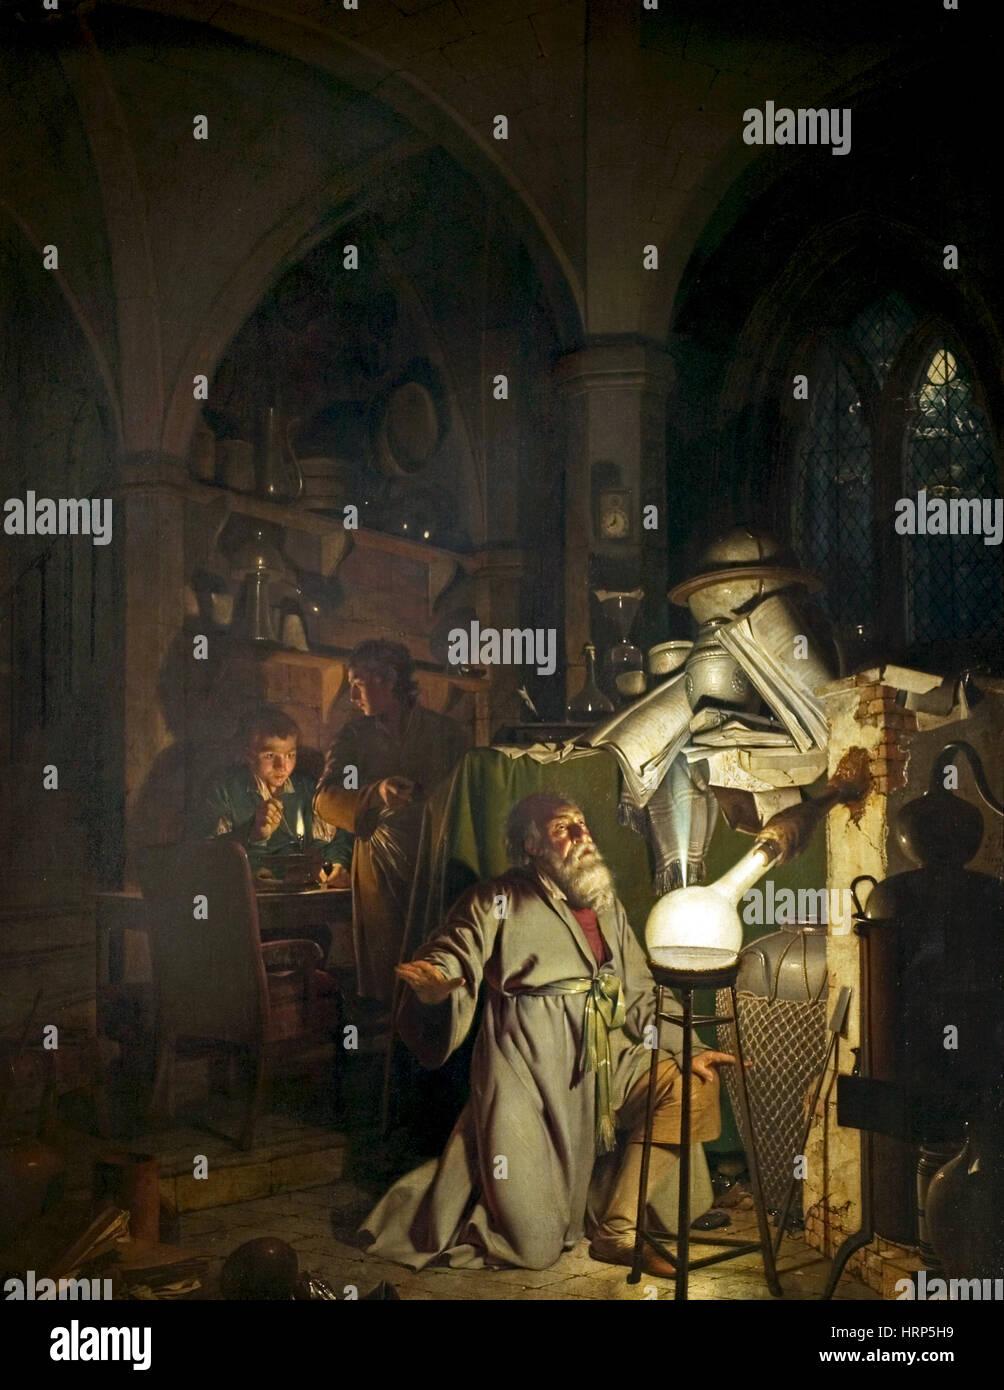 Hennig Brand, German Alchemist - Stock Image